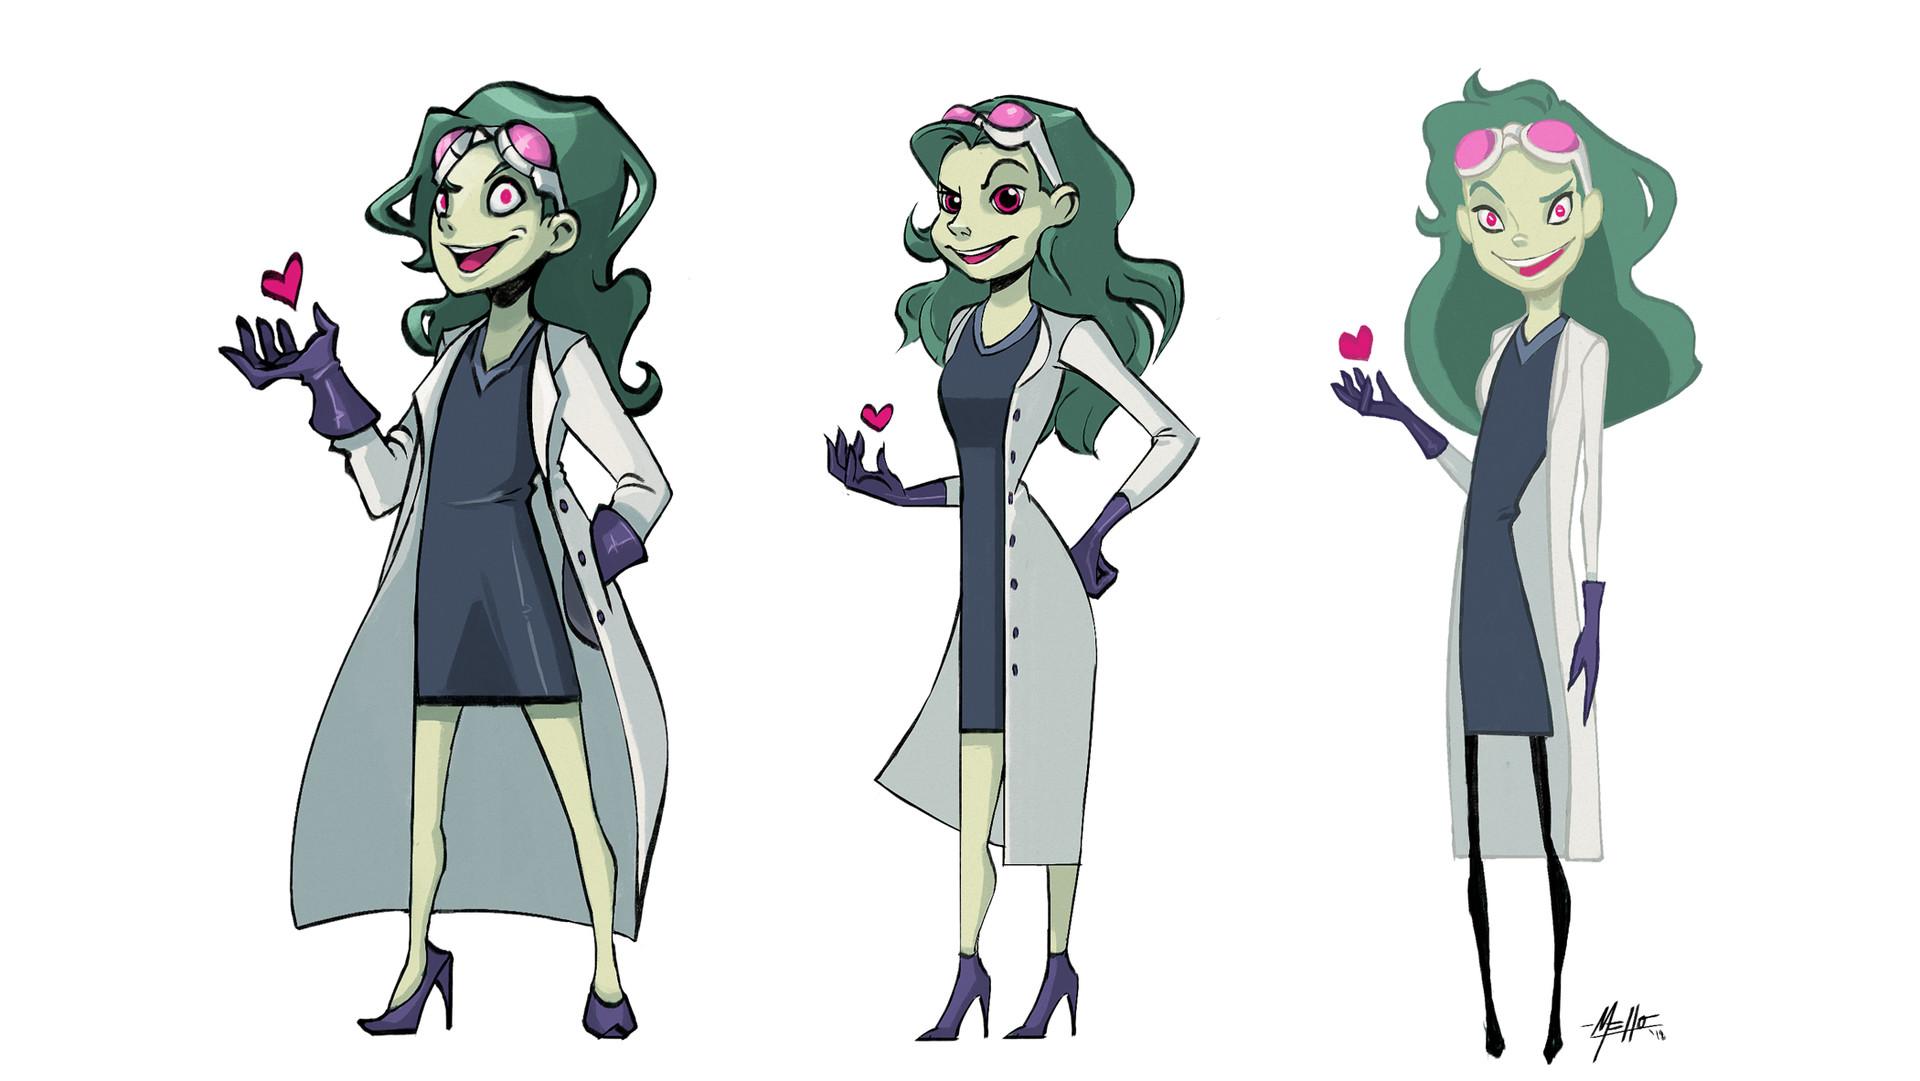 Michelle lo mixi character design 01